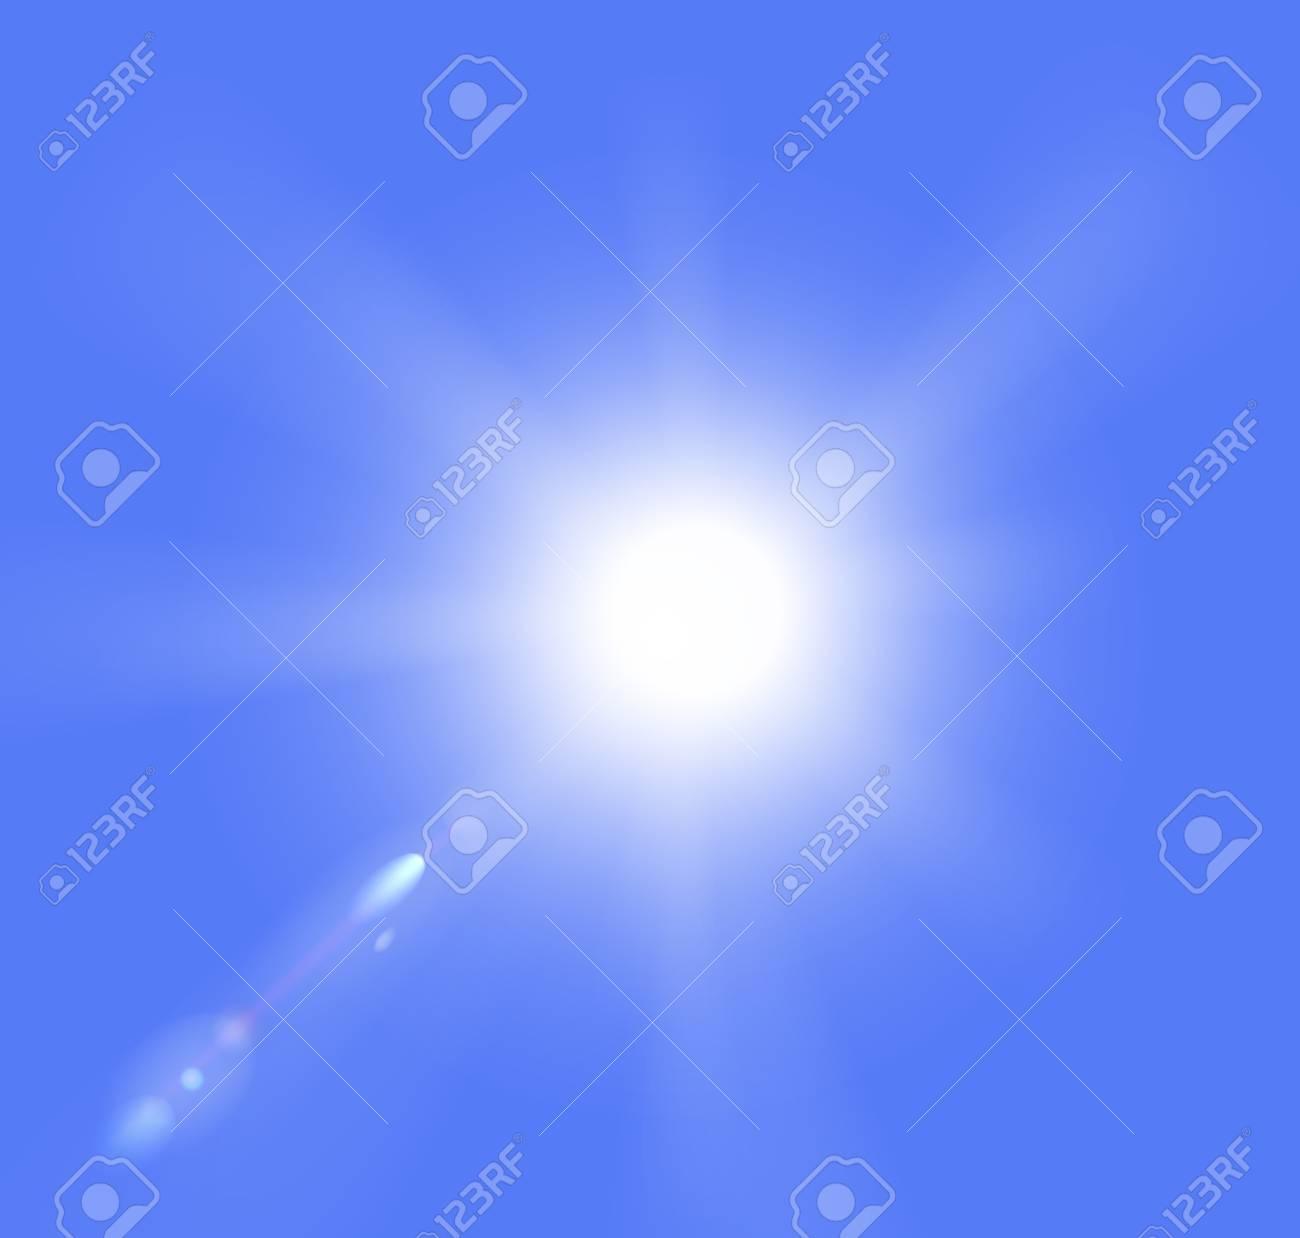 Vector illustration of sun  on a blue sky. Stock Vector - 17711131